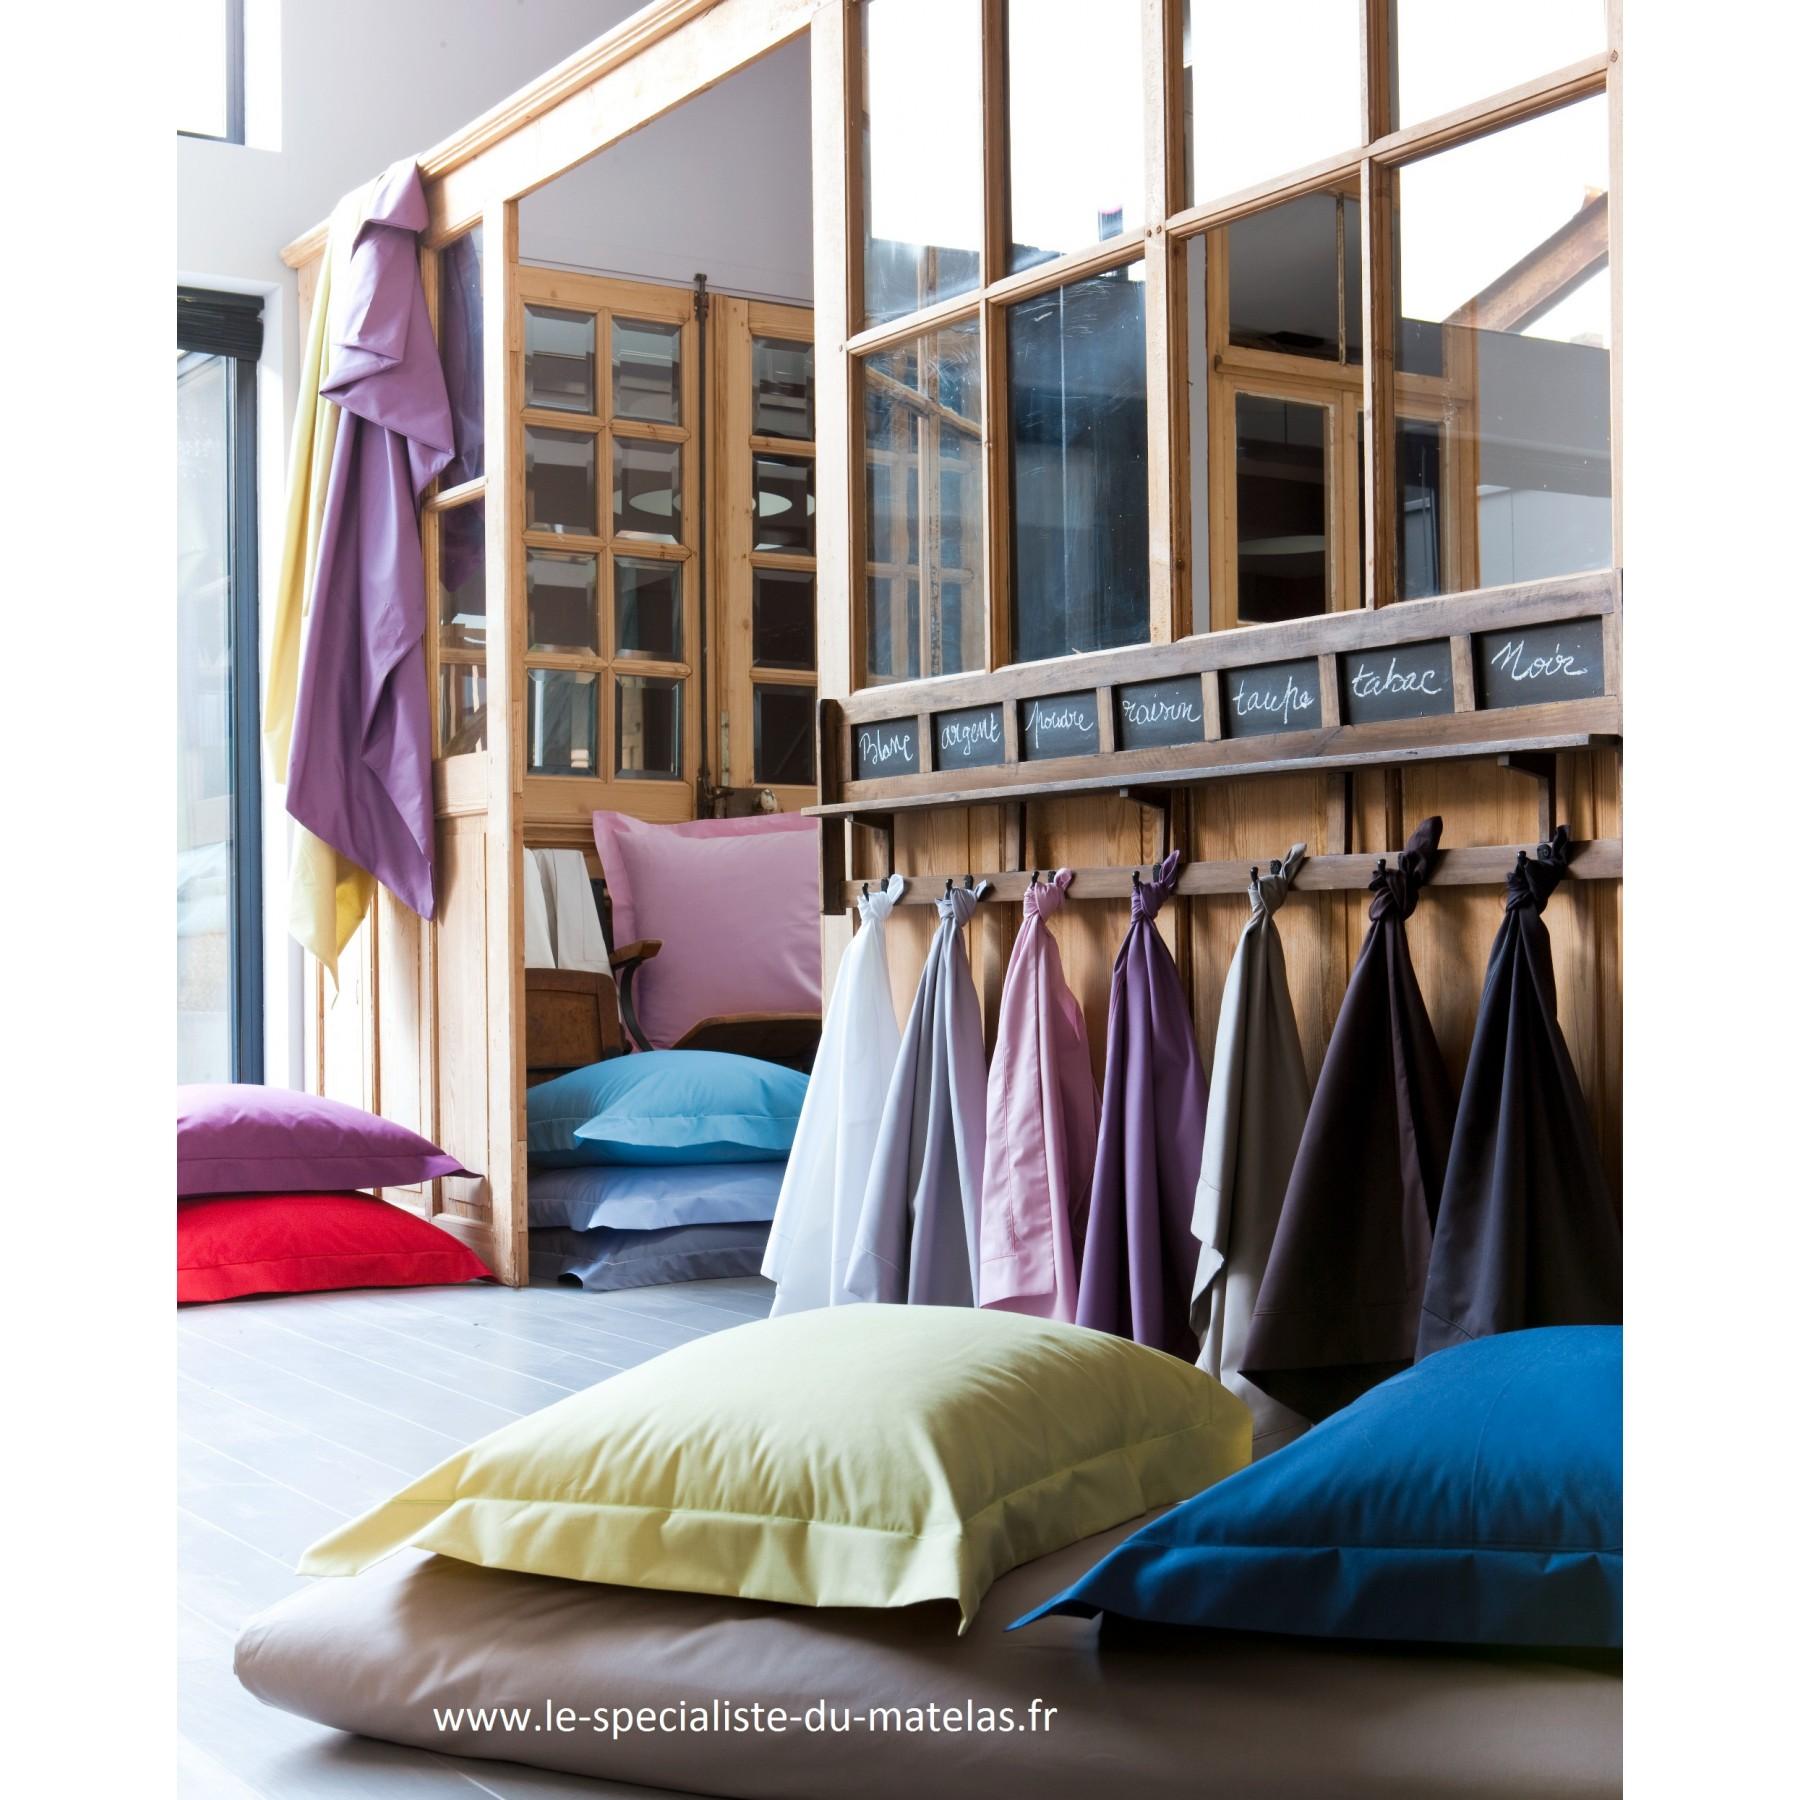 drap housse essix percale de coton poche 30cm d couvrir au le sp cialiste du matelas. Black Bedroom Furniture Sets. Home Design Ideas